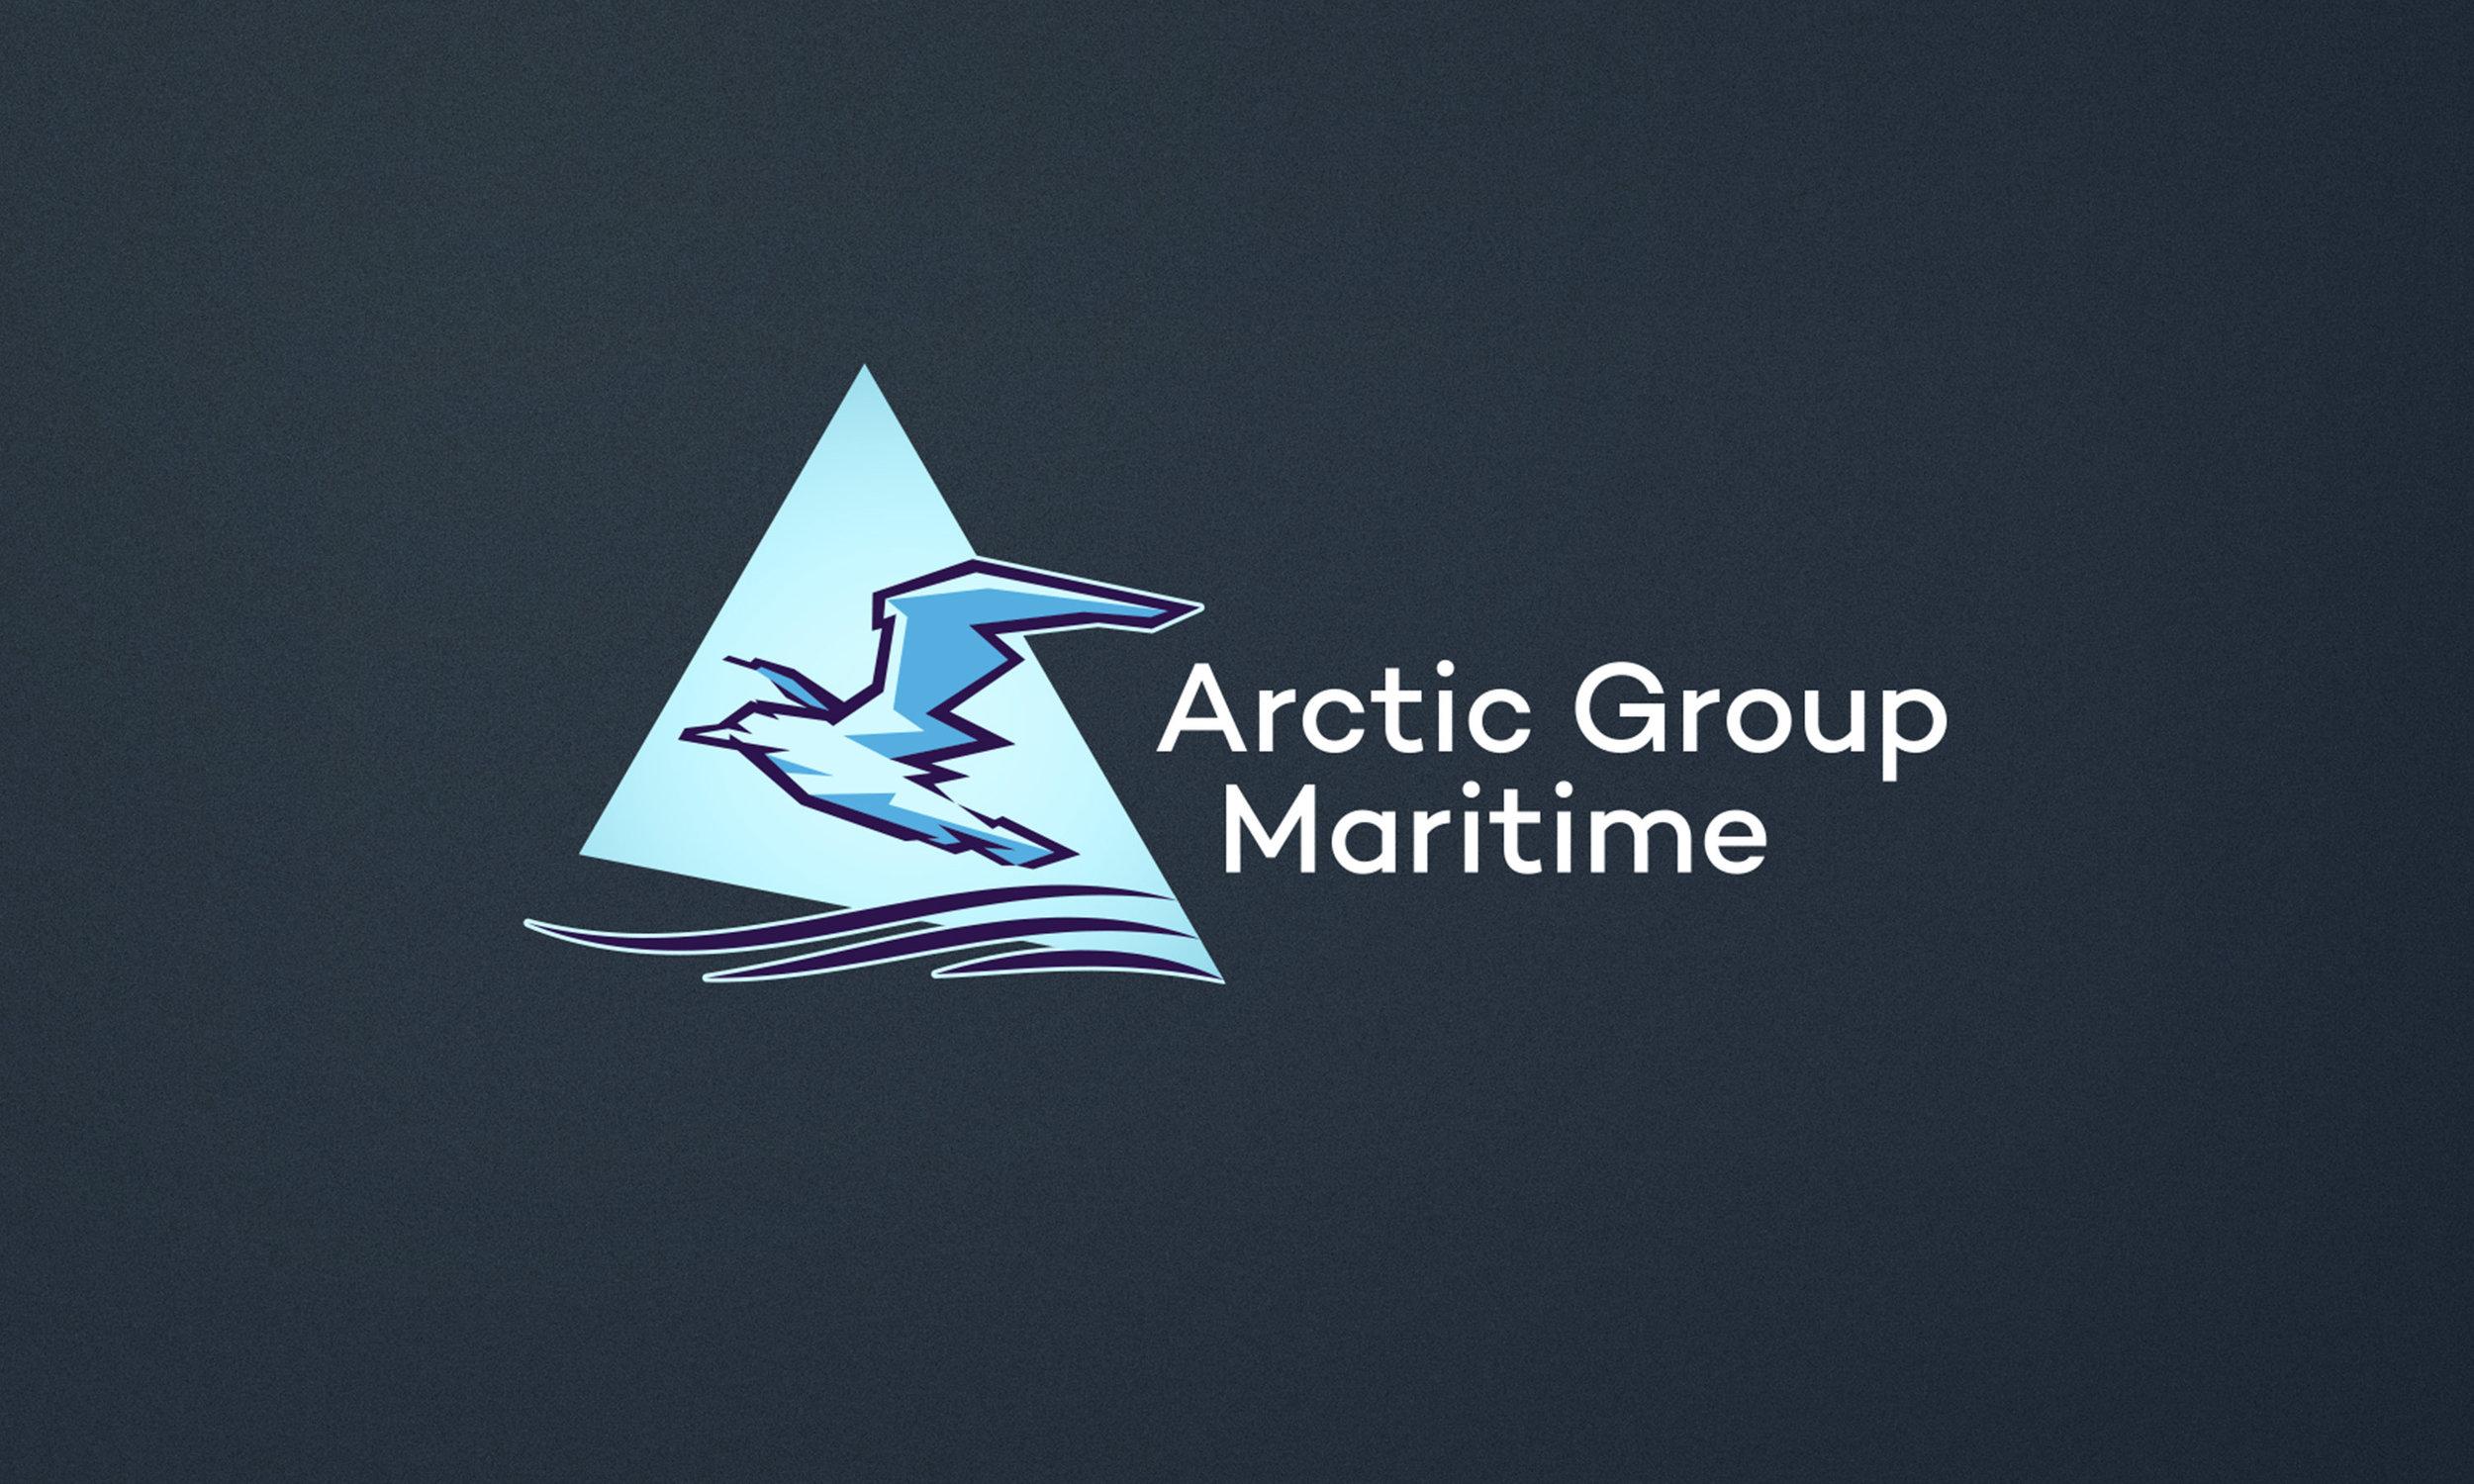 Logo-1-Diffrensiatoren-2.jpg